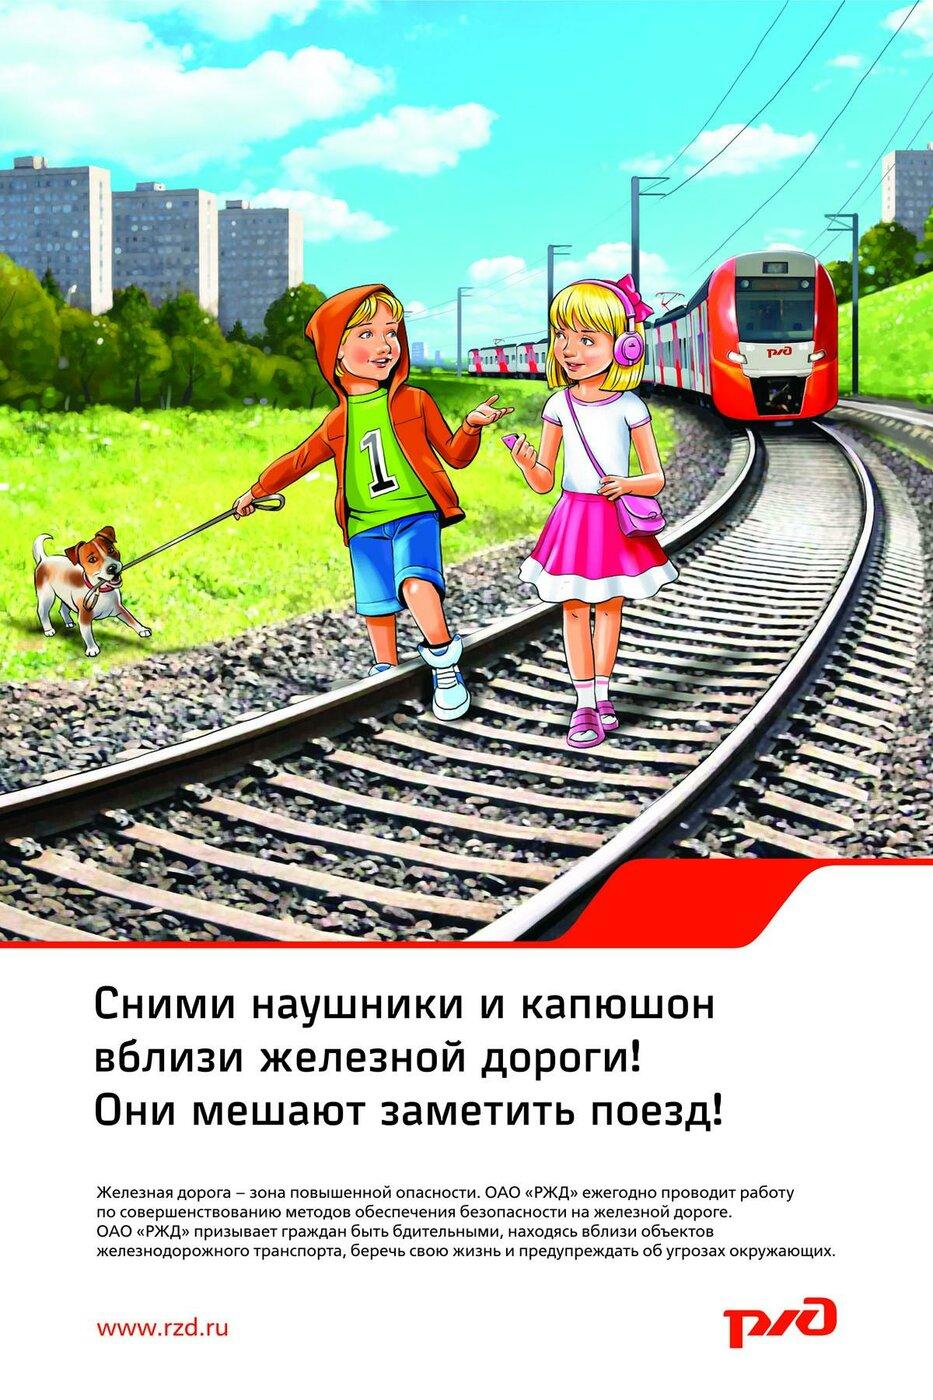 безопастность на железной дороге 1